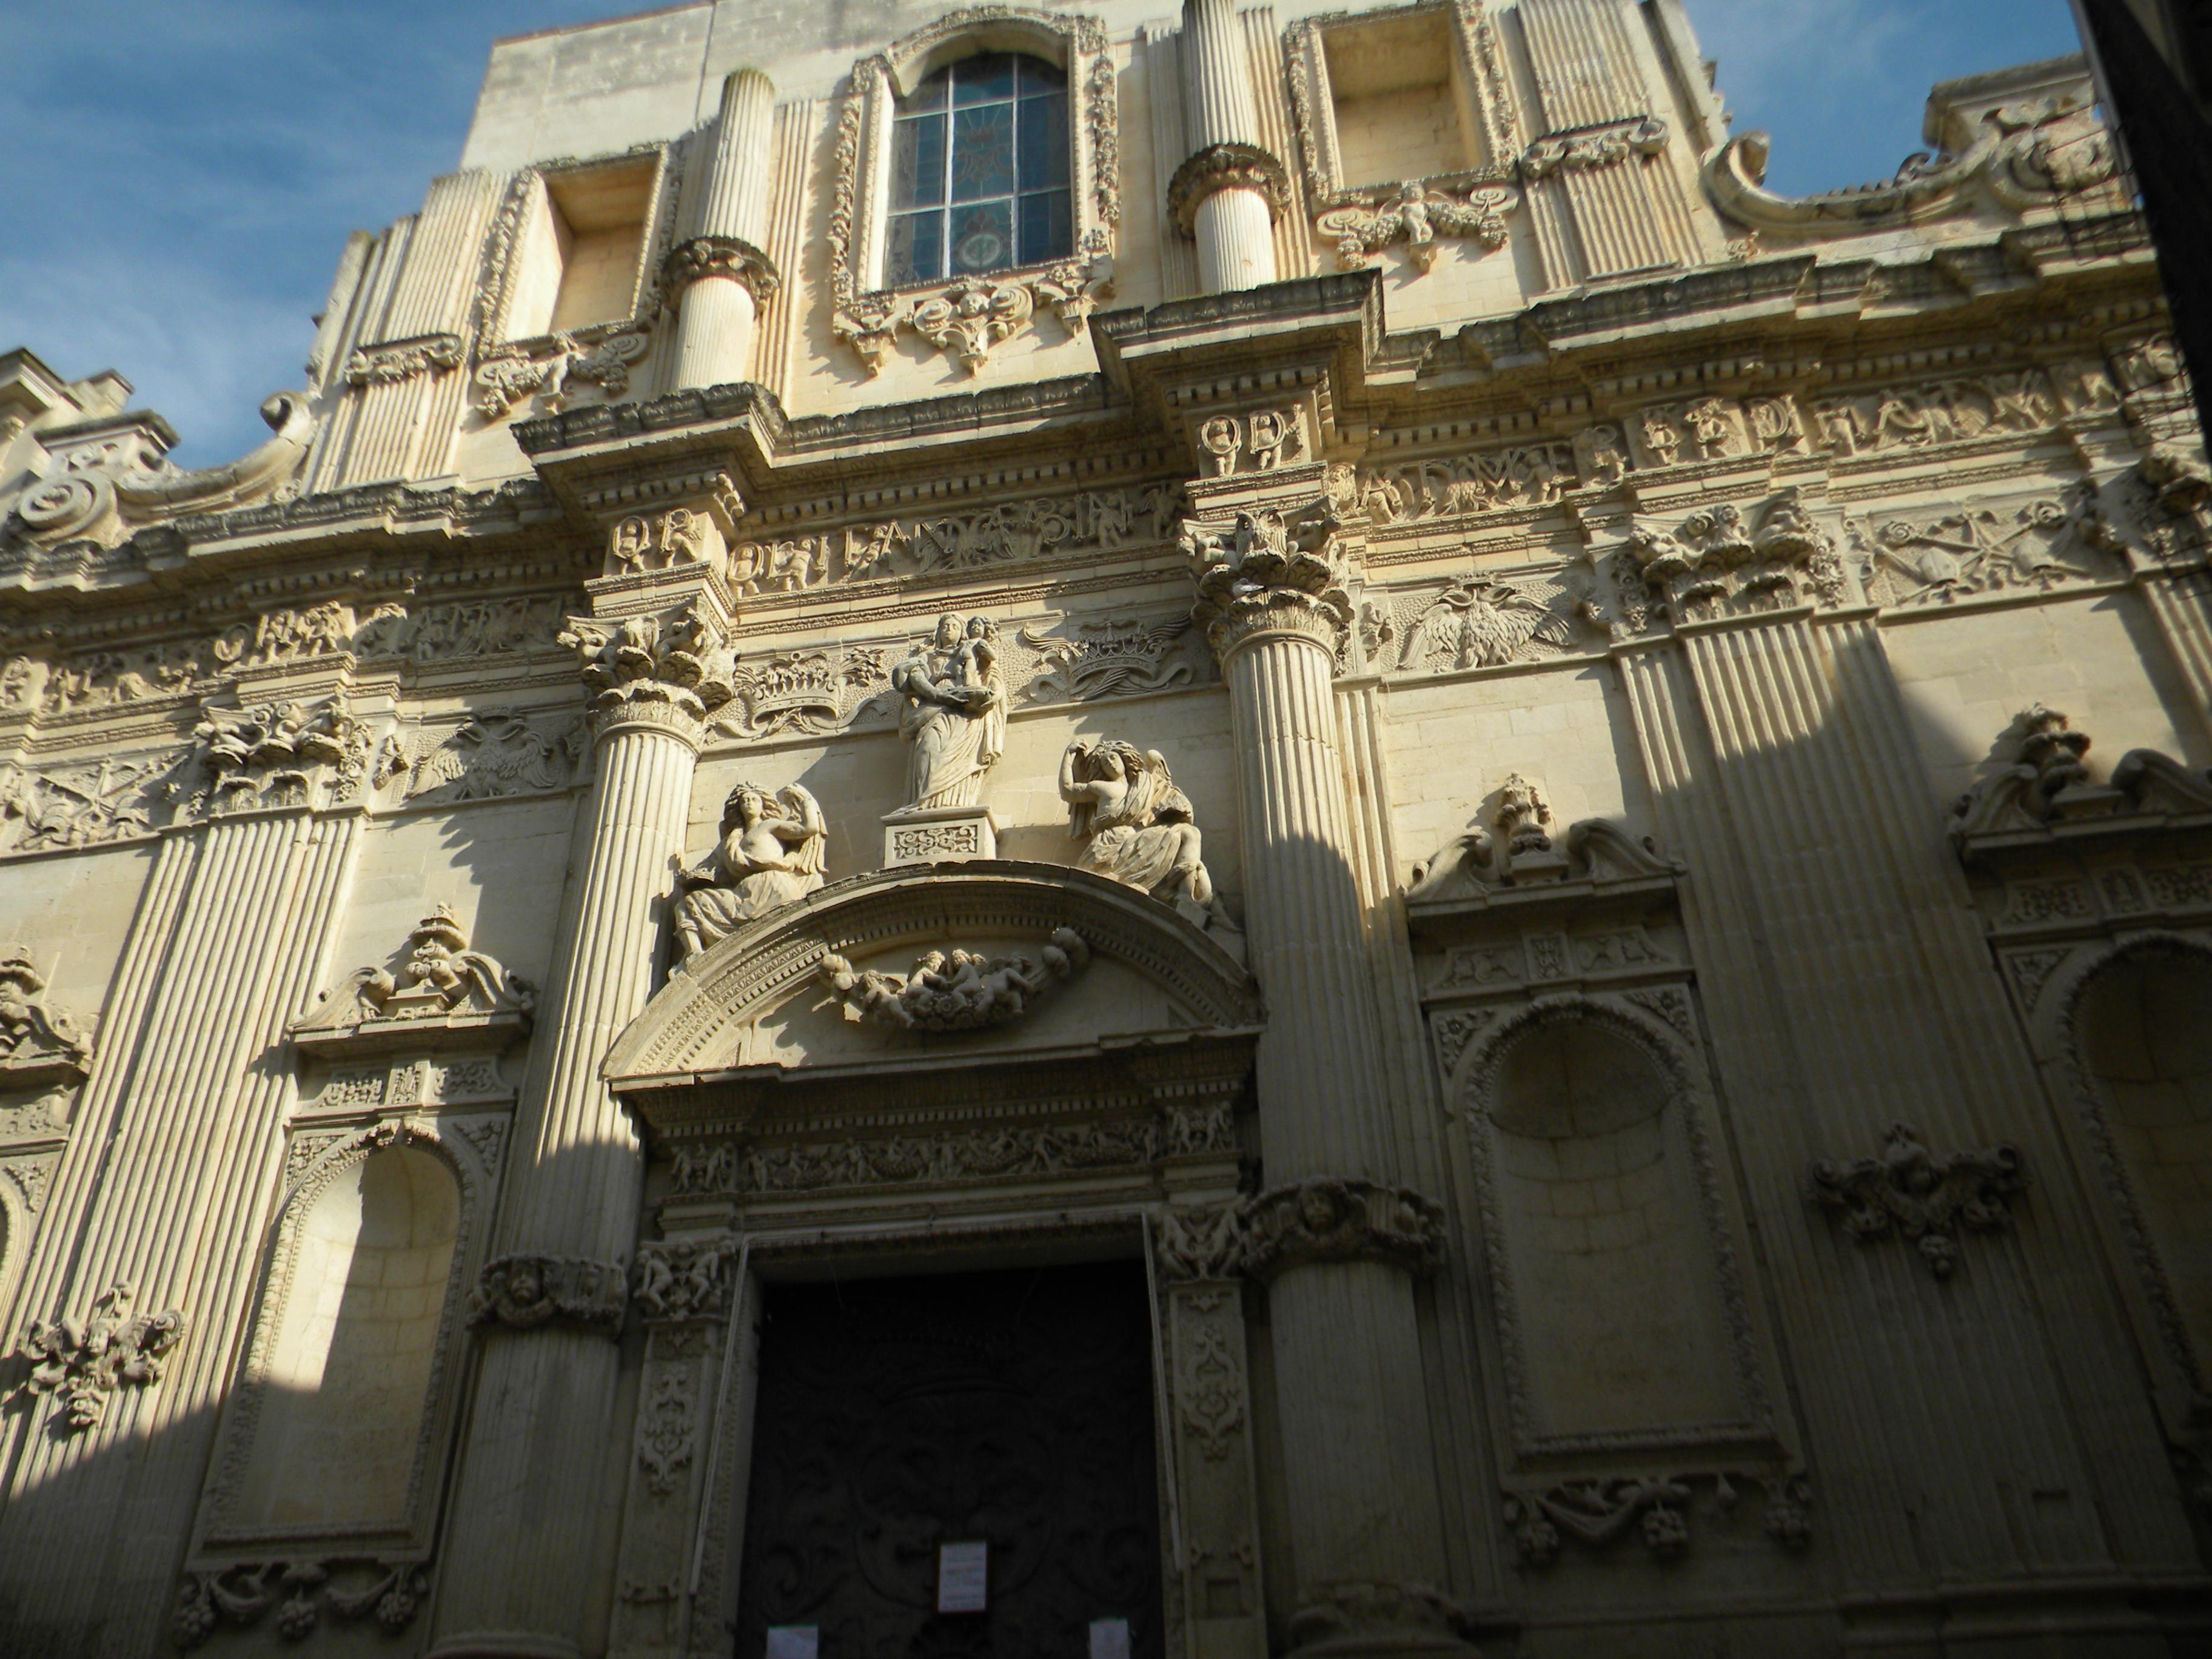 Architetti Famosi Lecce visita lecce - b&b lecce la piazzetta